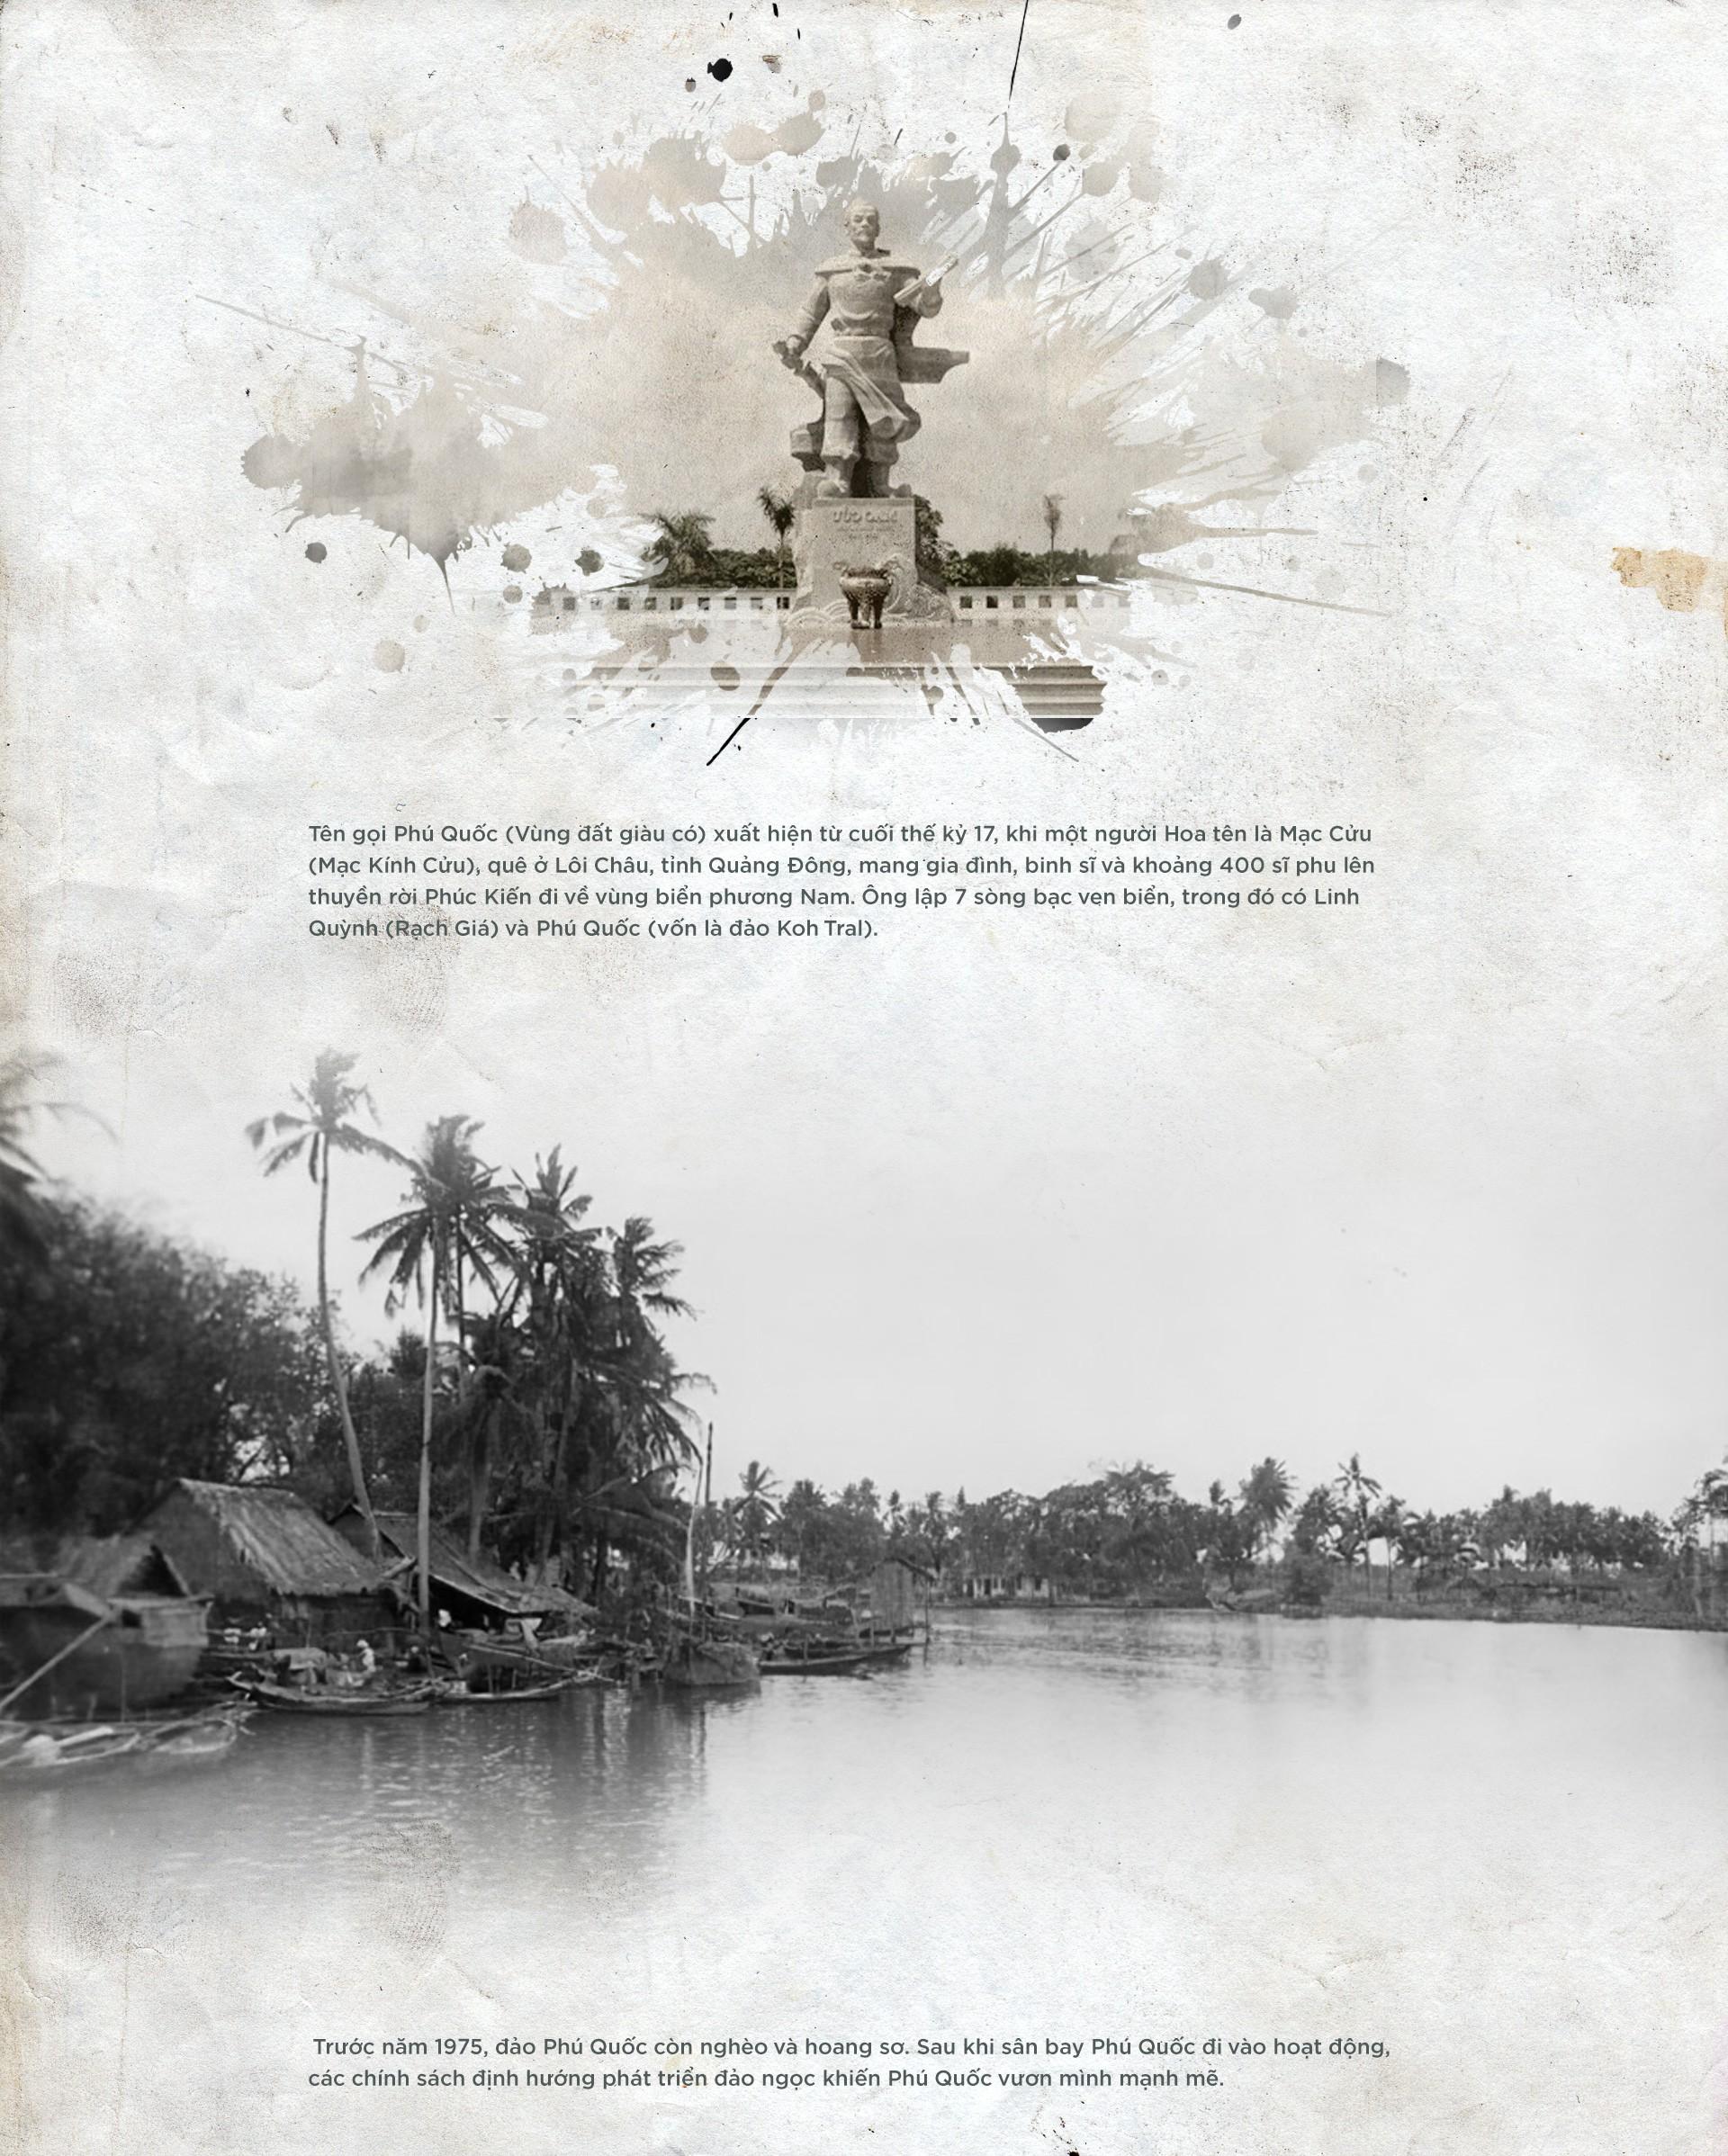 Chạm tay vào đảo ngọc Phú Quốc - Ảnh 4.